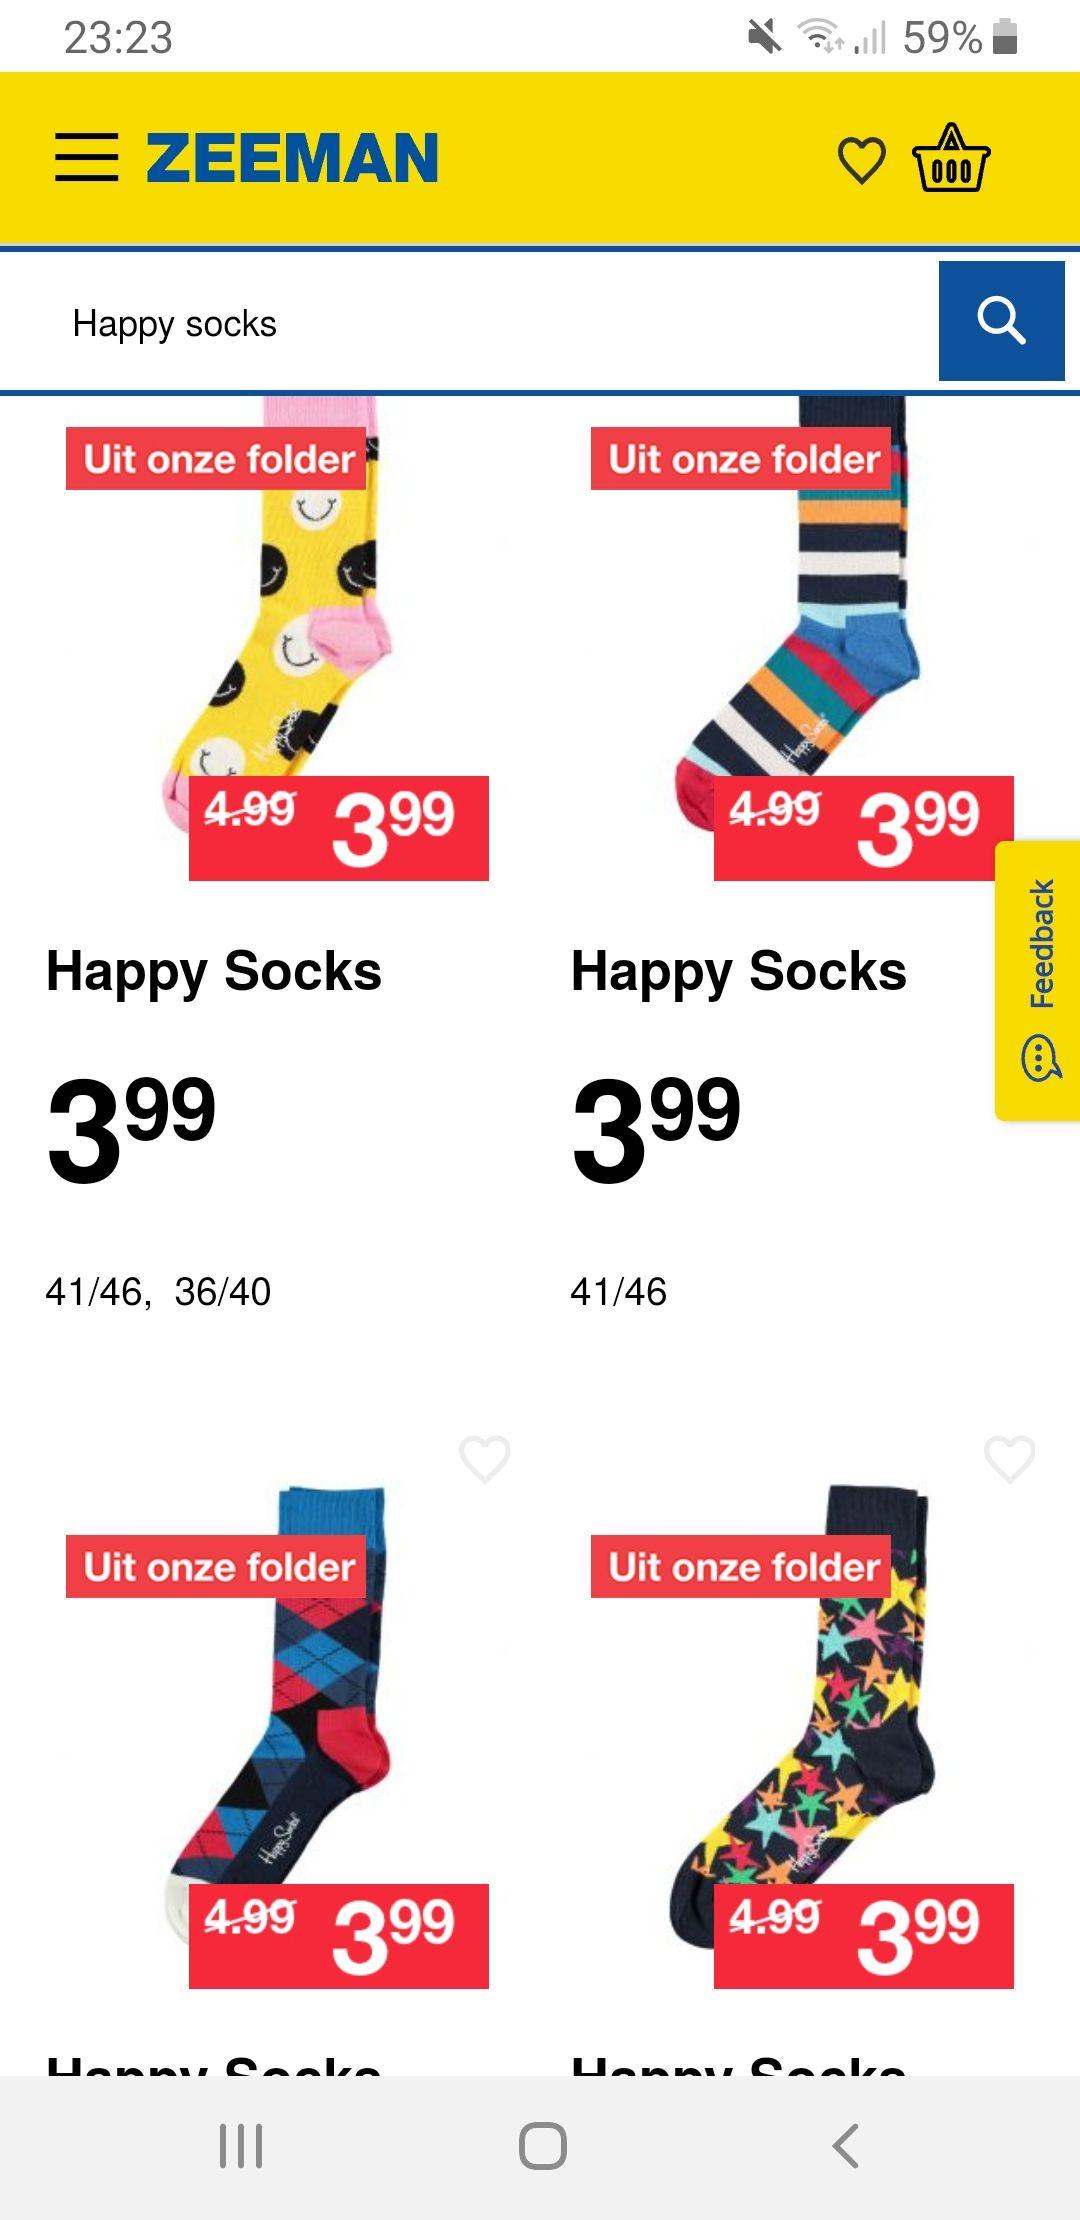 Happy socks voor 3.99 bij zeeman